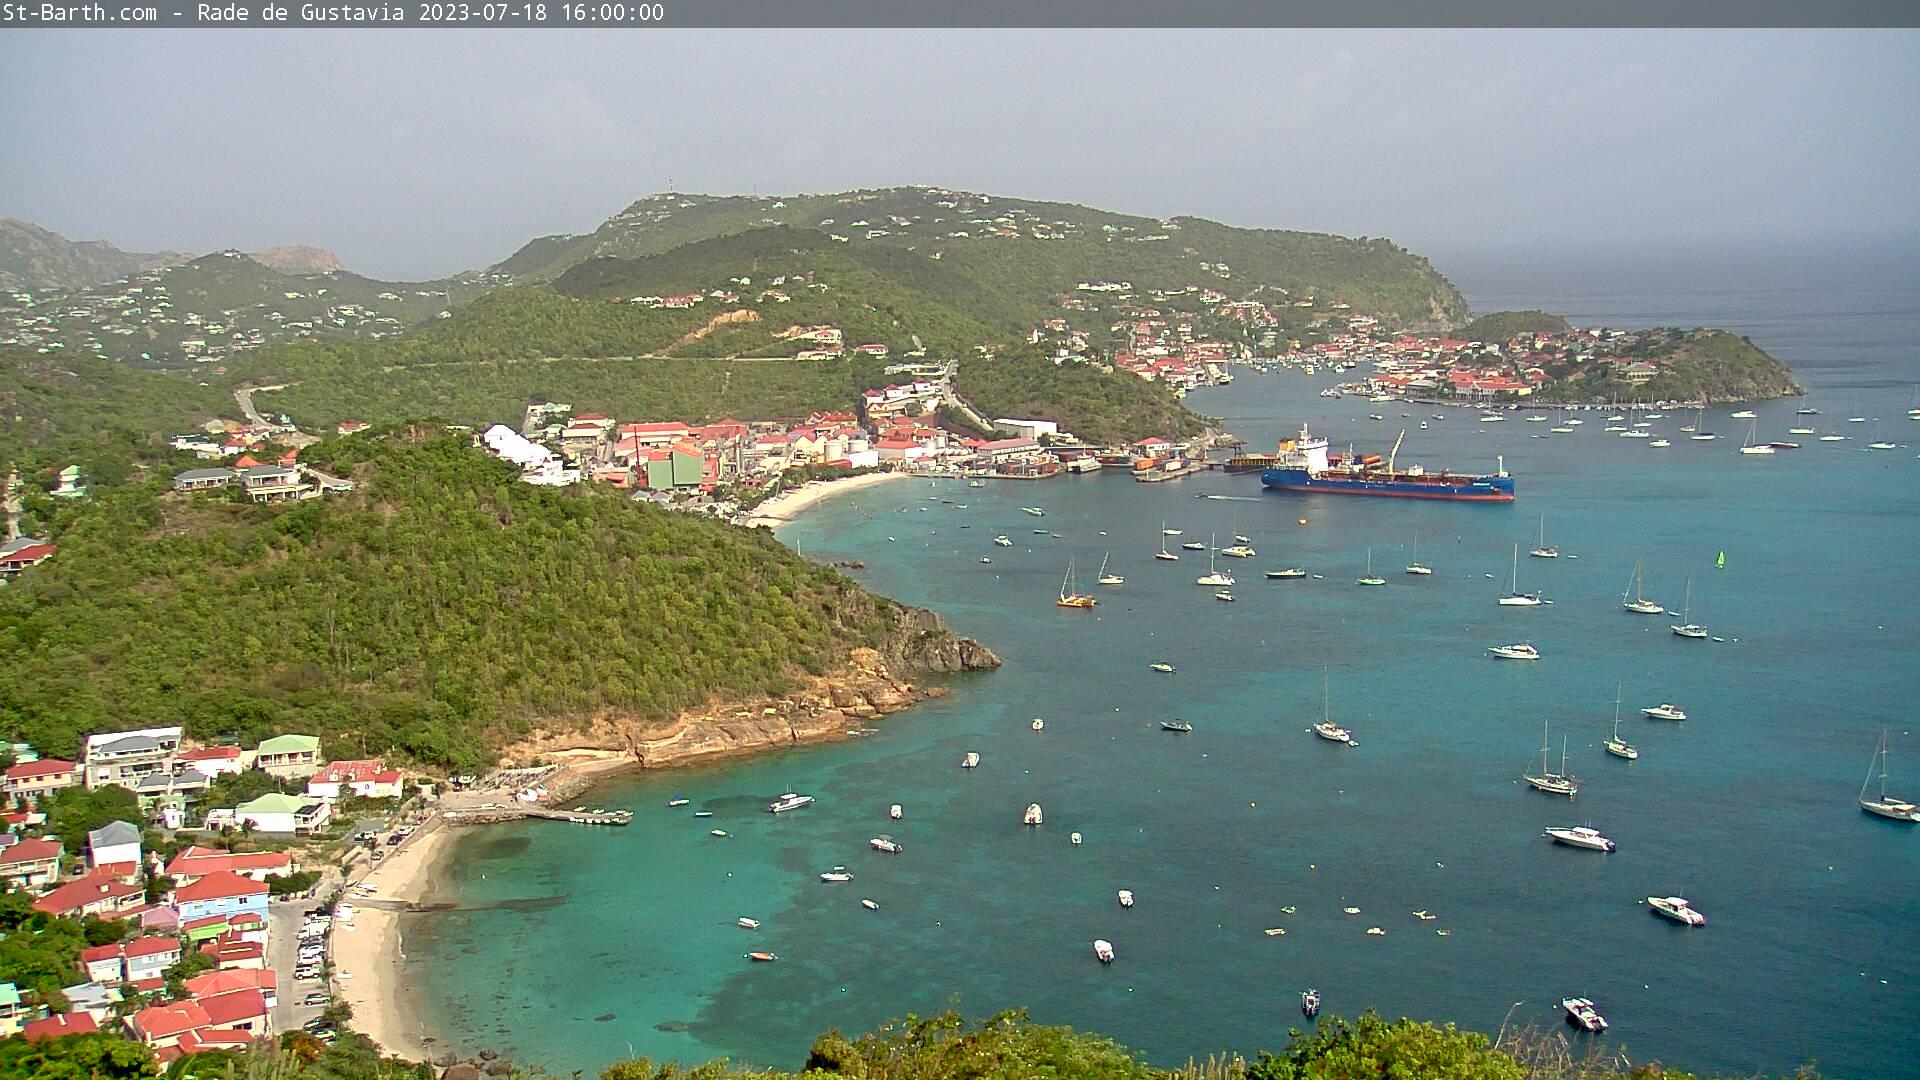 St Barth - St-Barth.com - Corossol - Public - Gustavia - Webcam